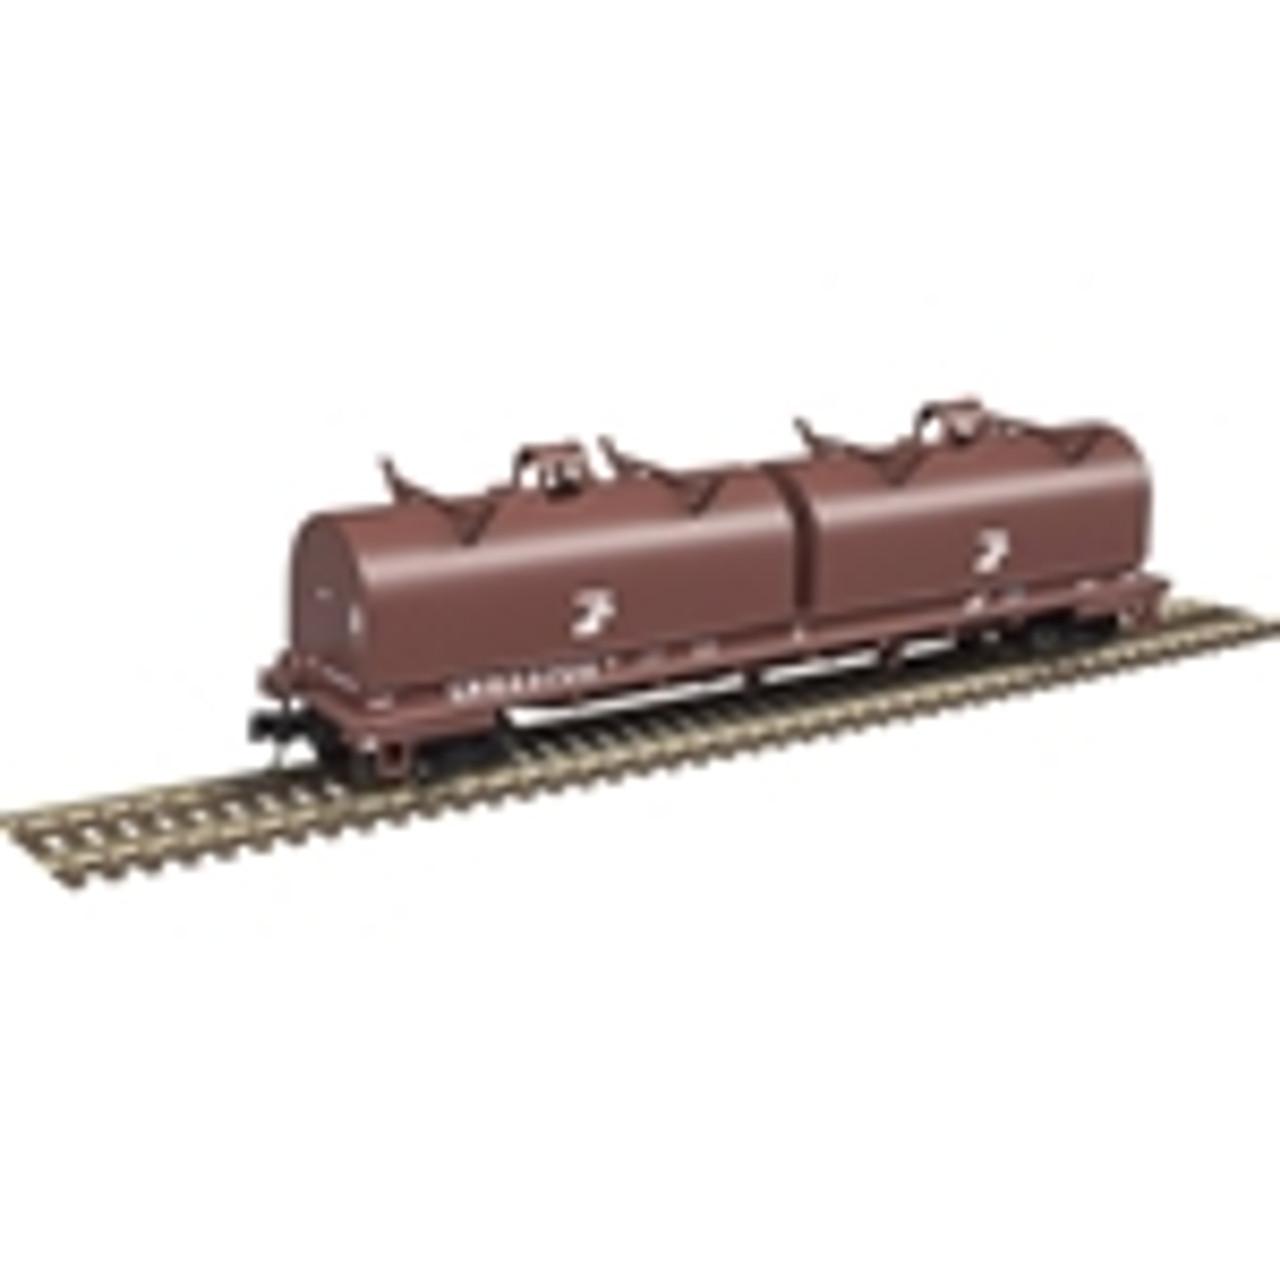 ATLAS 50004645 Cushion Coil Car - Conrail #623766 (SCALE=N) Part # 150-50004645